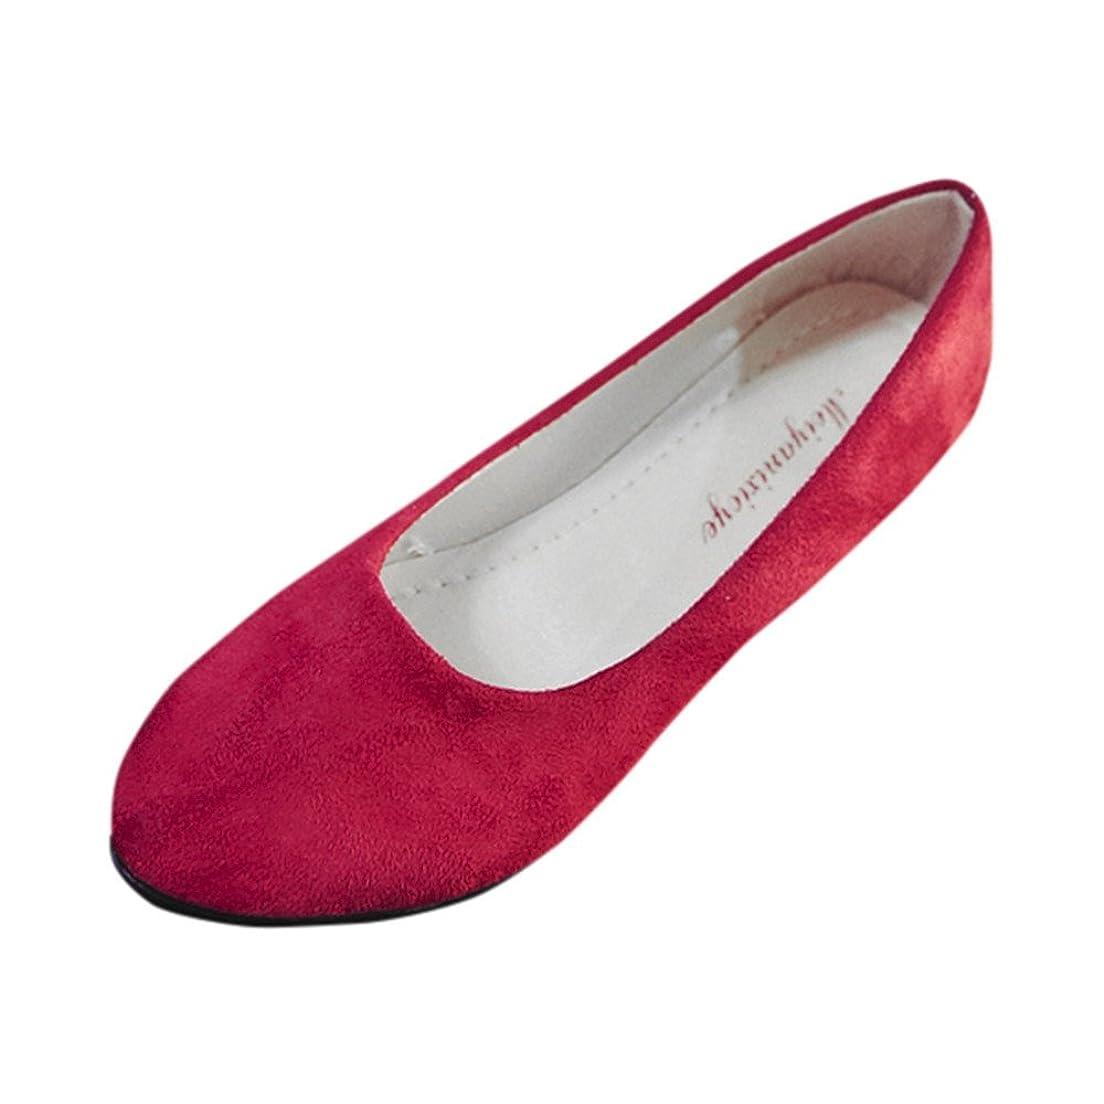 暴動天窓ドアミラーキャンディー カラー小さな靴プロフェッショナルOL平らな底サンダル 暖かく保つ 軽量 通気 防滑 女の子 かわいい おしゃれ Regoss (レジス)